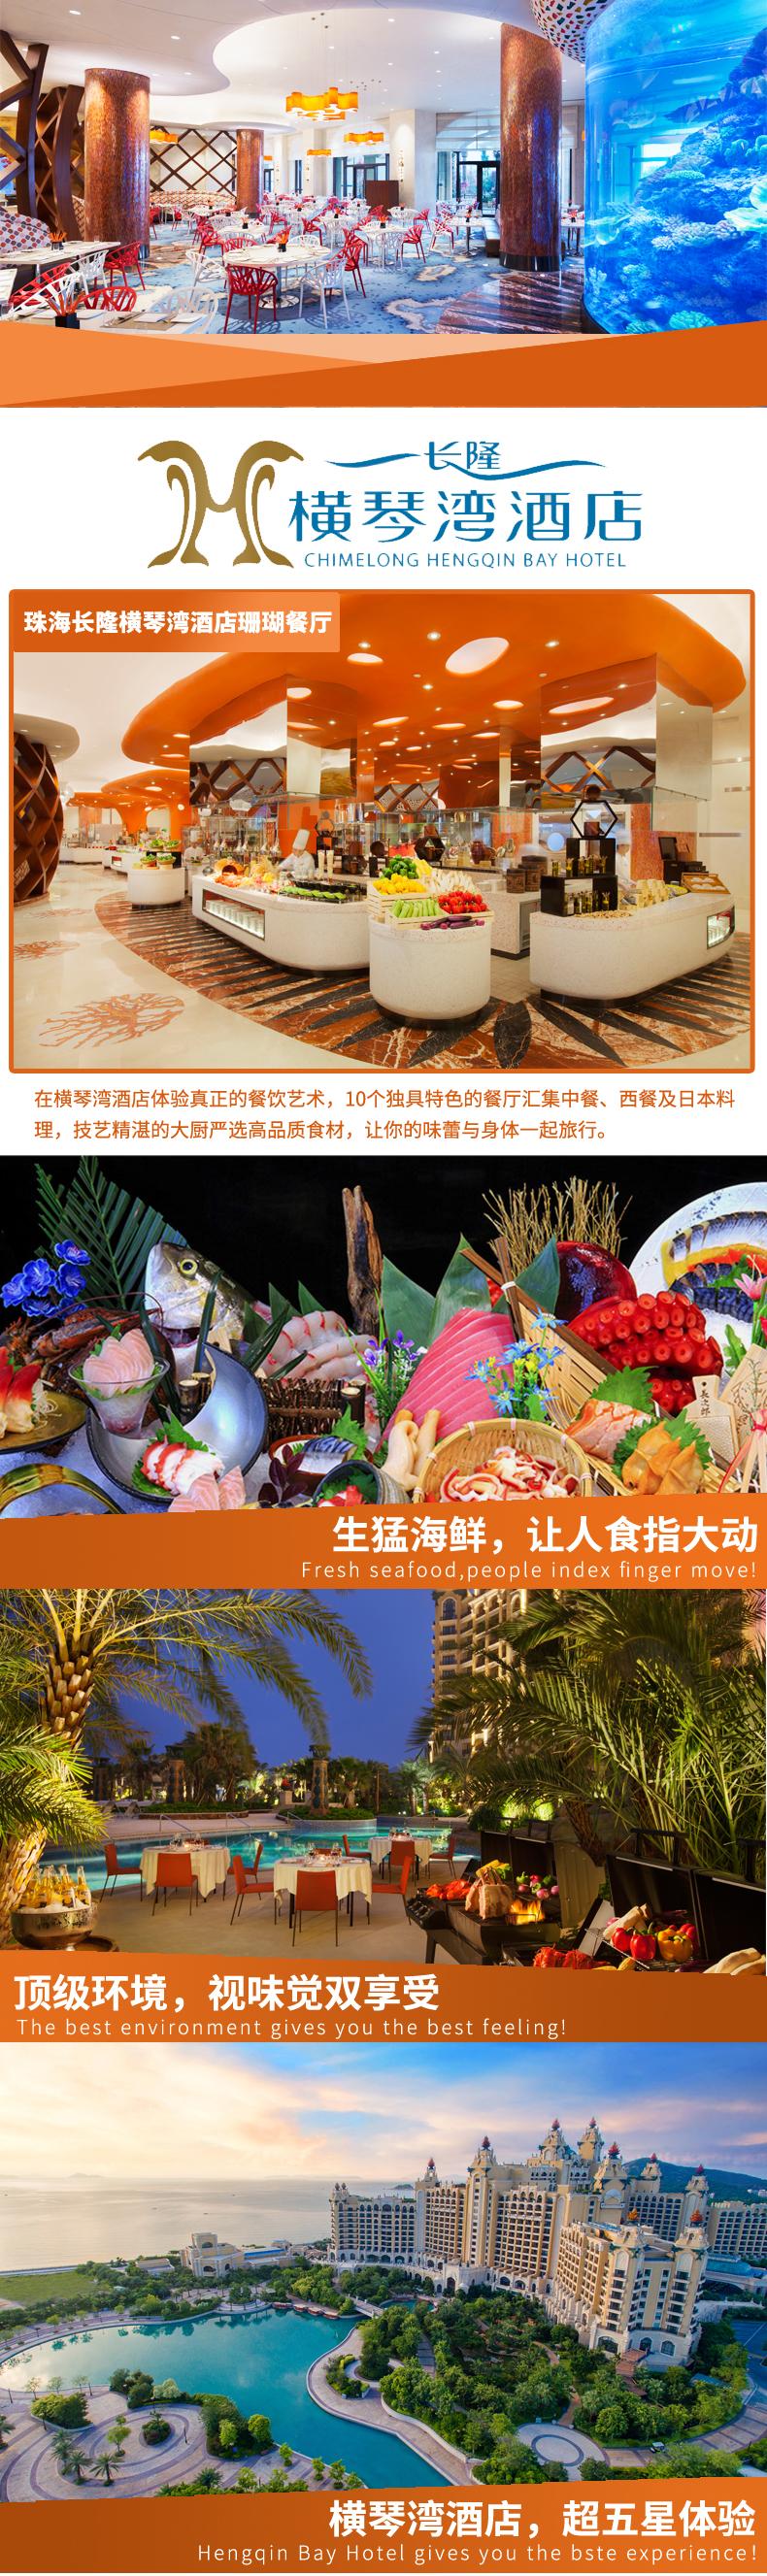 珠海长隆横琴湾酒店帝珊瑚餐厅自助餐(自助早/午/晚餐